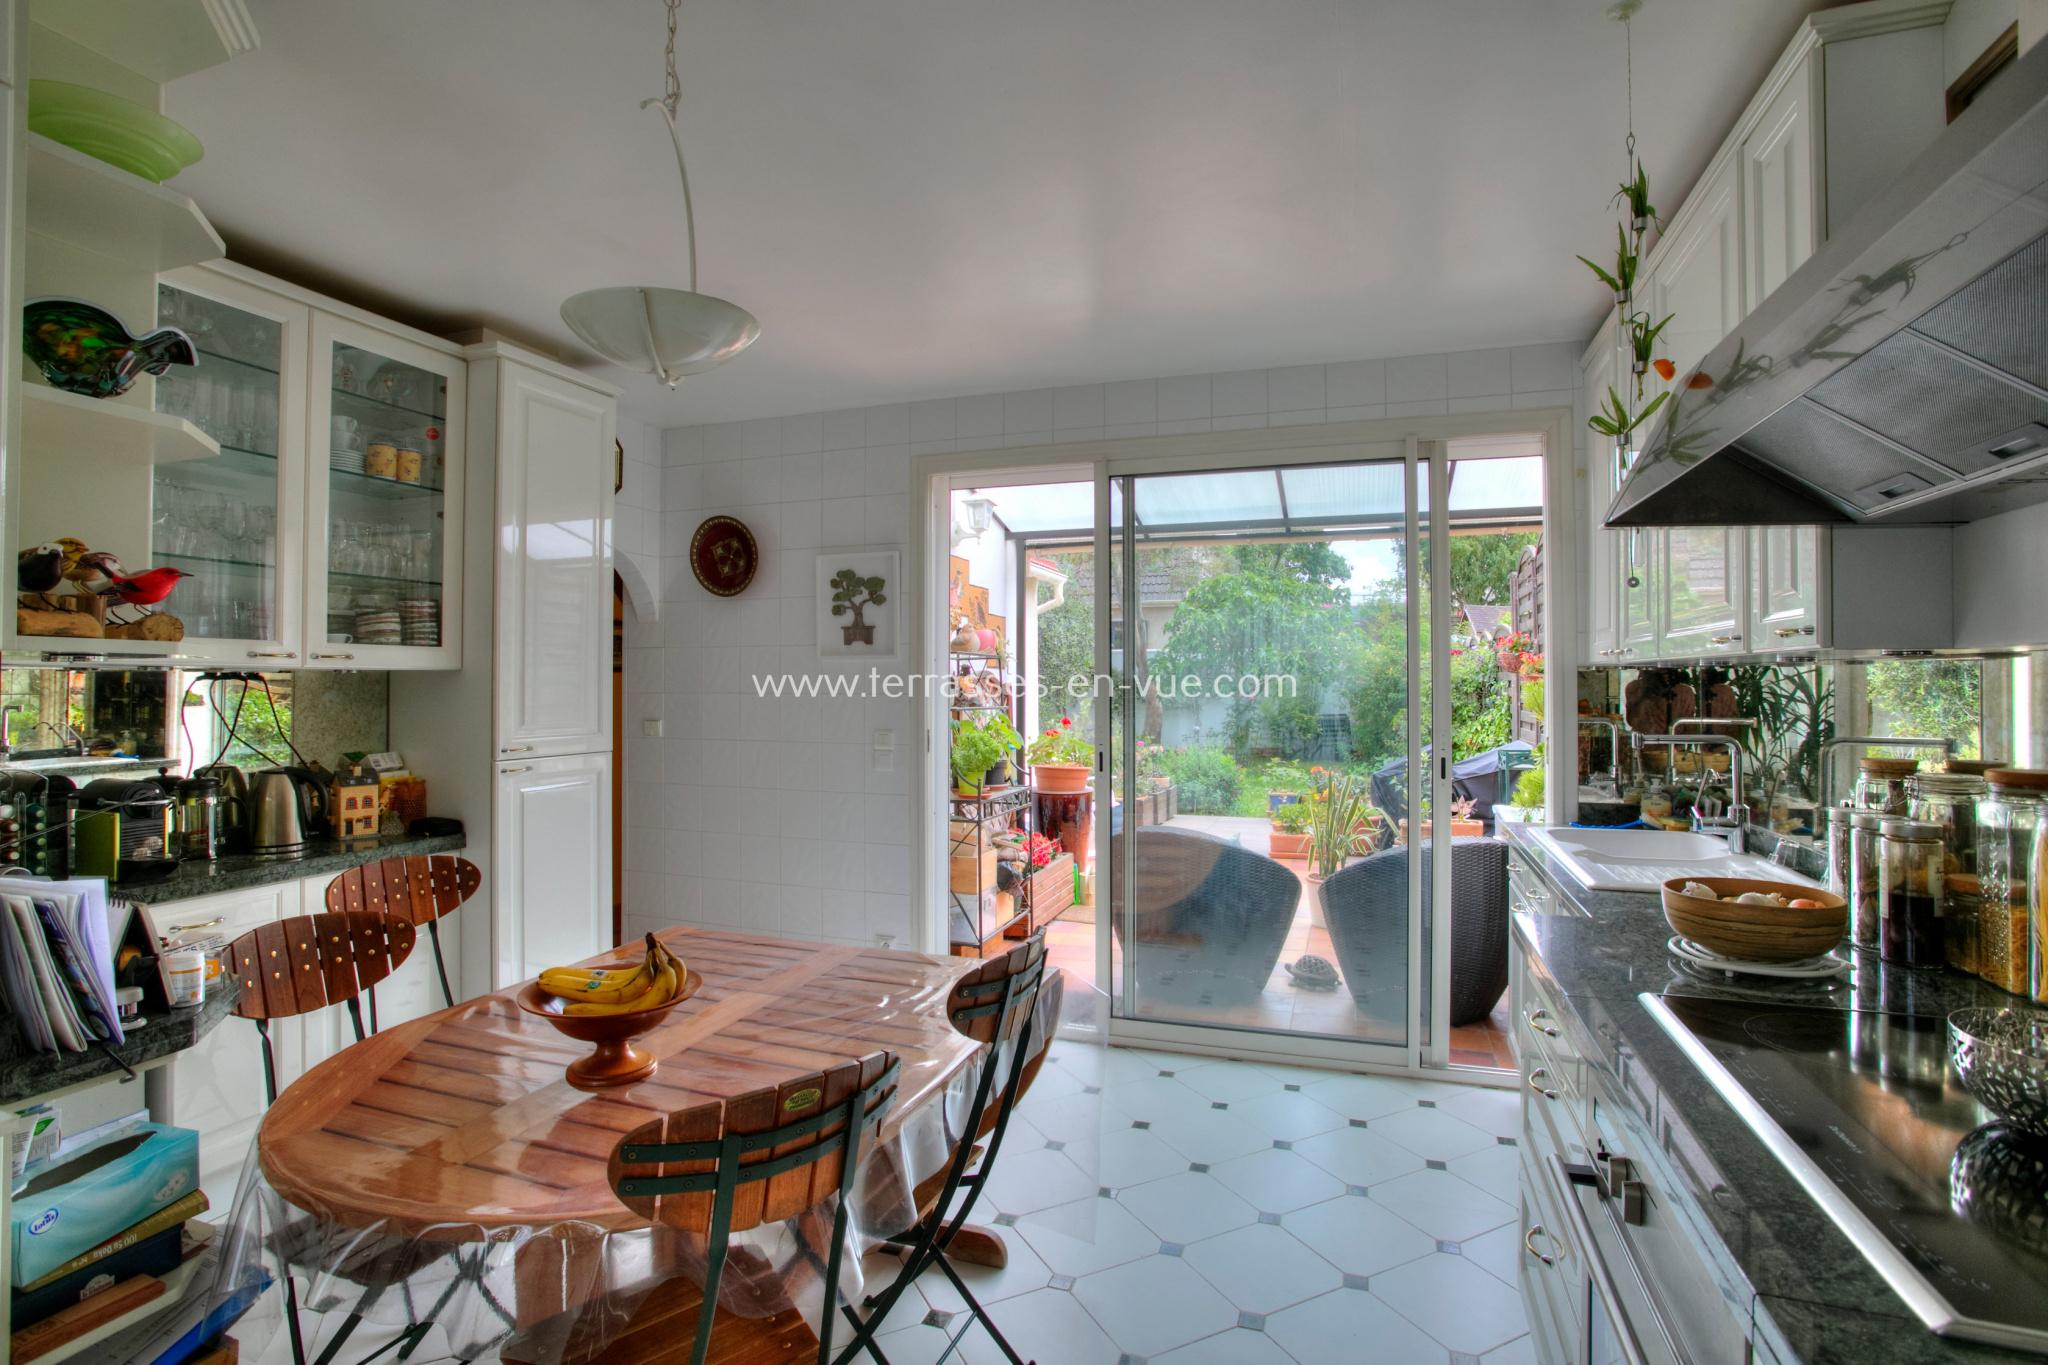 Maison À vendre - Puteaux / 92800